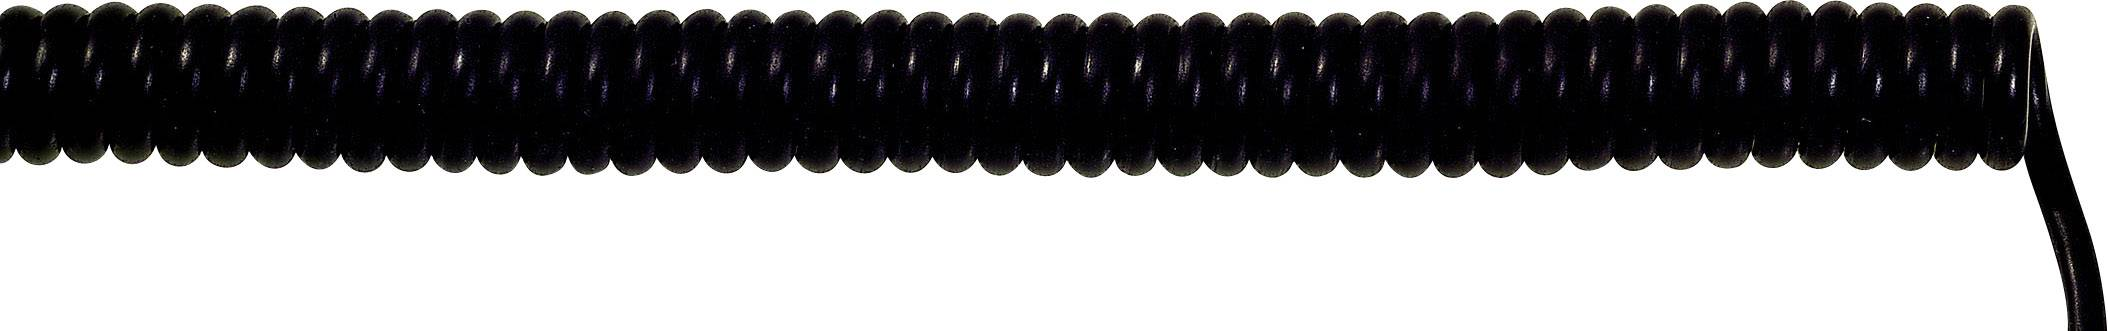 Špirálový kábel 73220214 UNITRONIC® SPIRAL 4 x 0.14 mm², 500 mm / 2000 mm, čierna